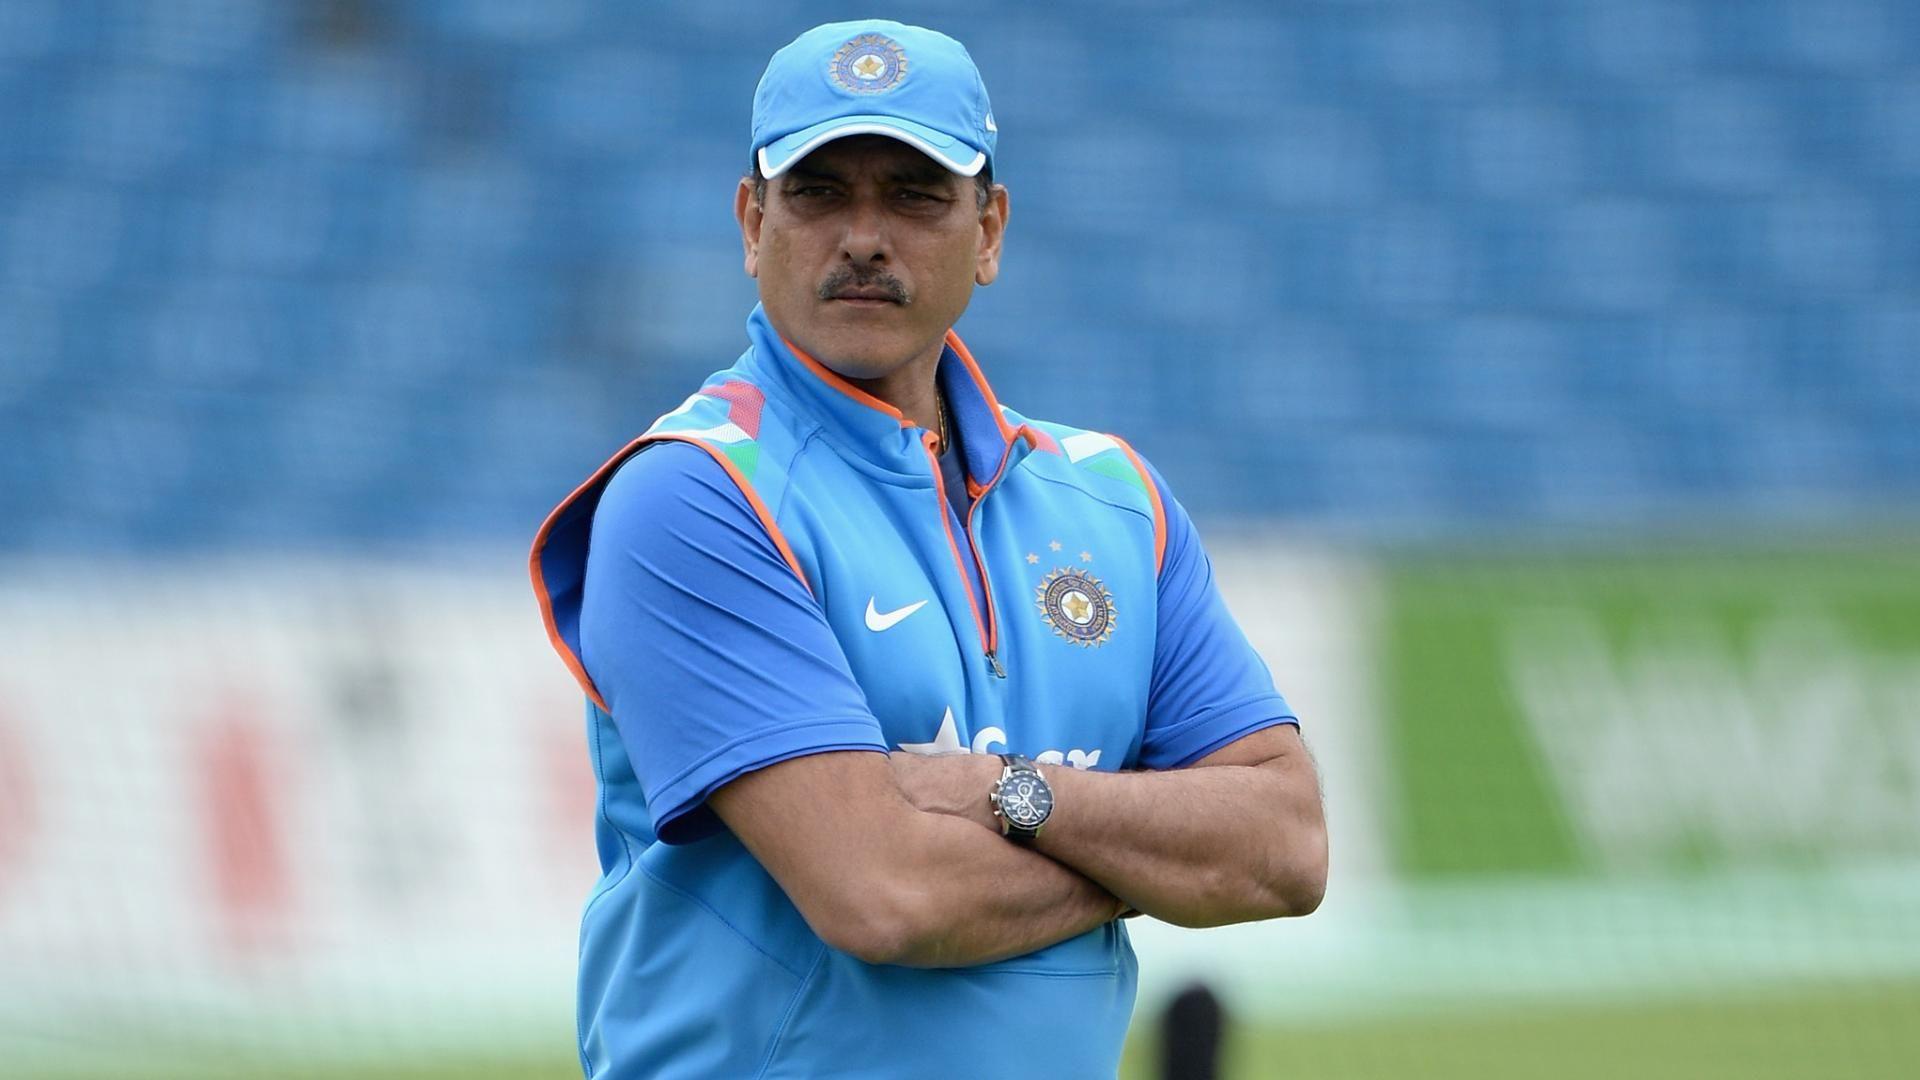 टीम इंडिया का कोच न बनाए जाने से रवि शास्त्री हुए निराश 15